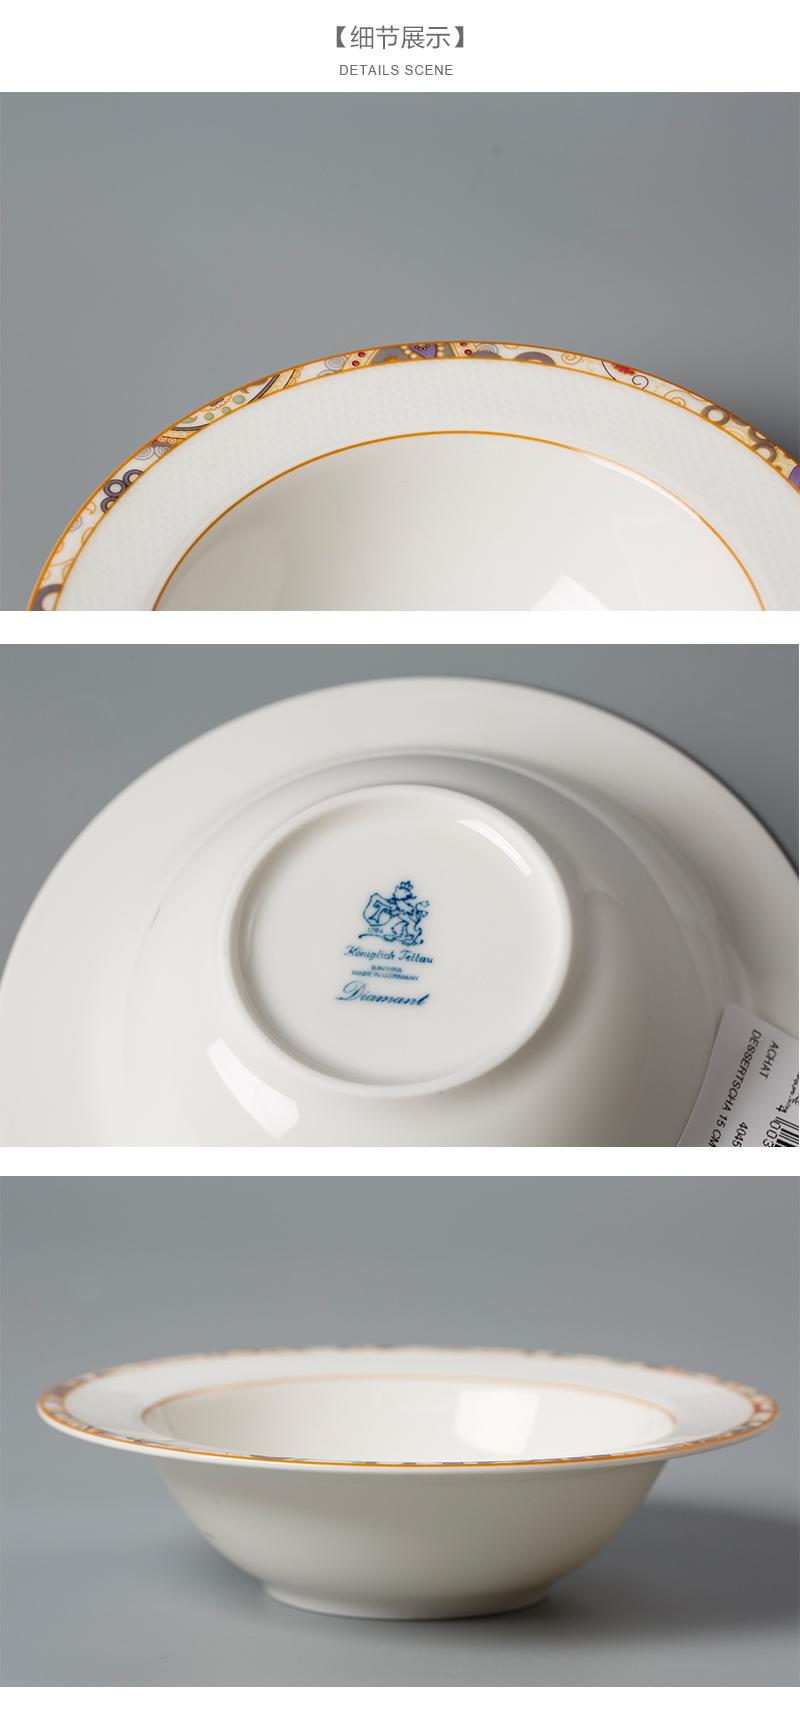 德国Seltmann Weiden陶瓷碗细节展示